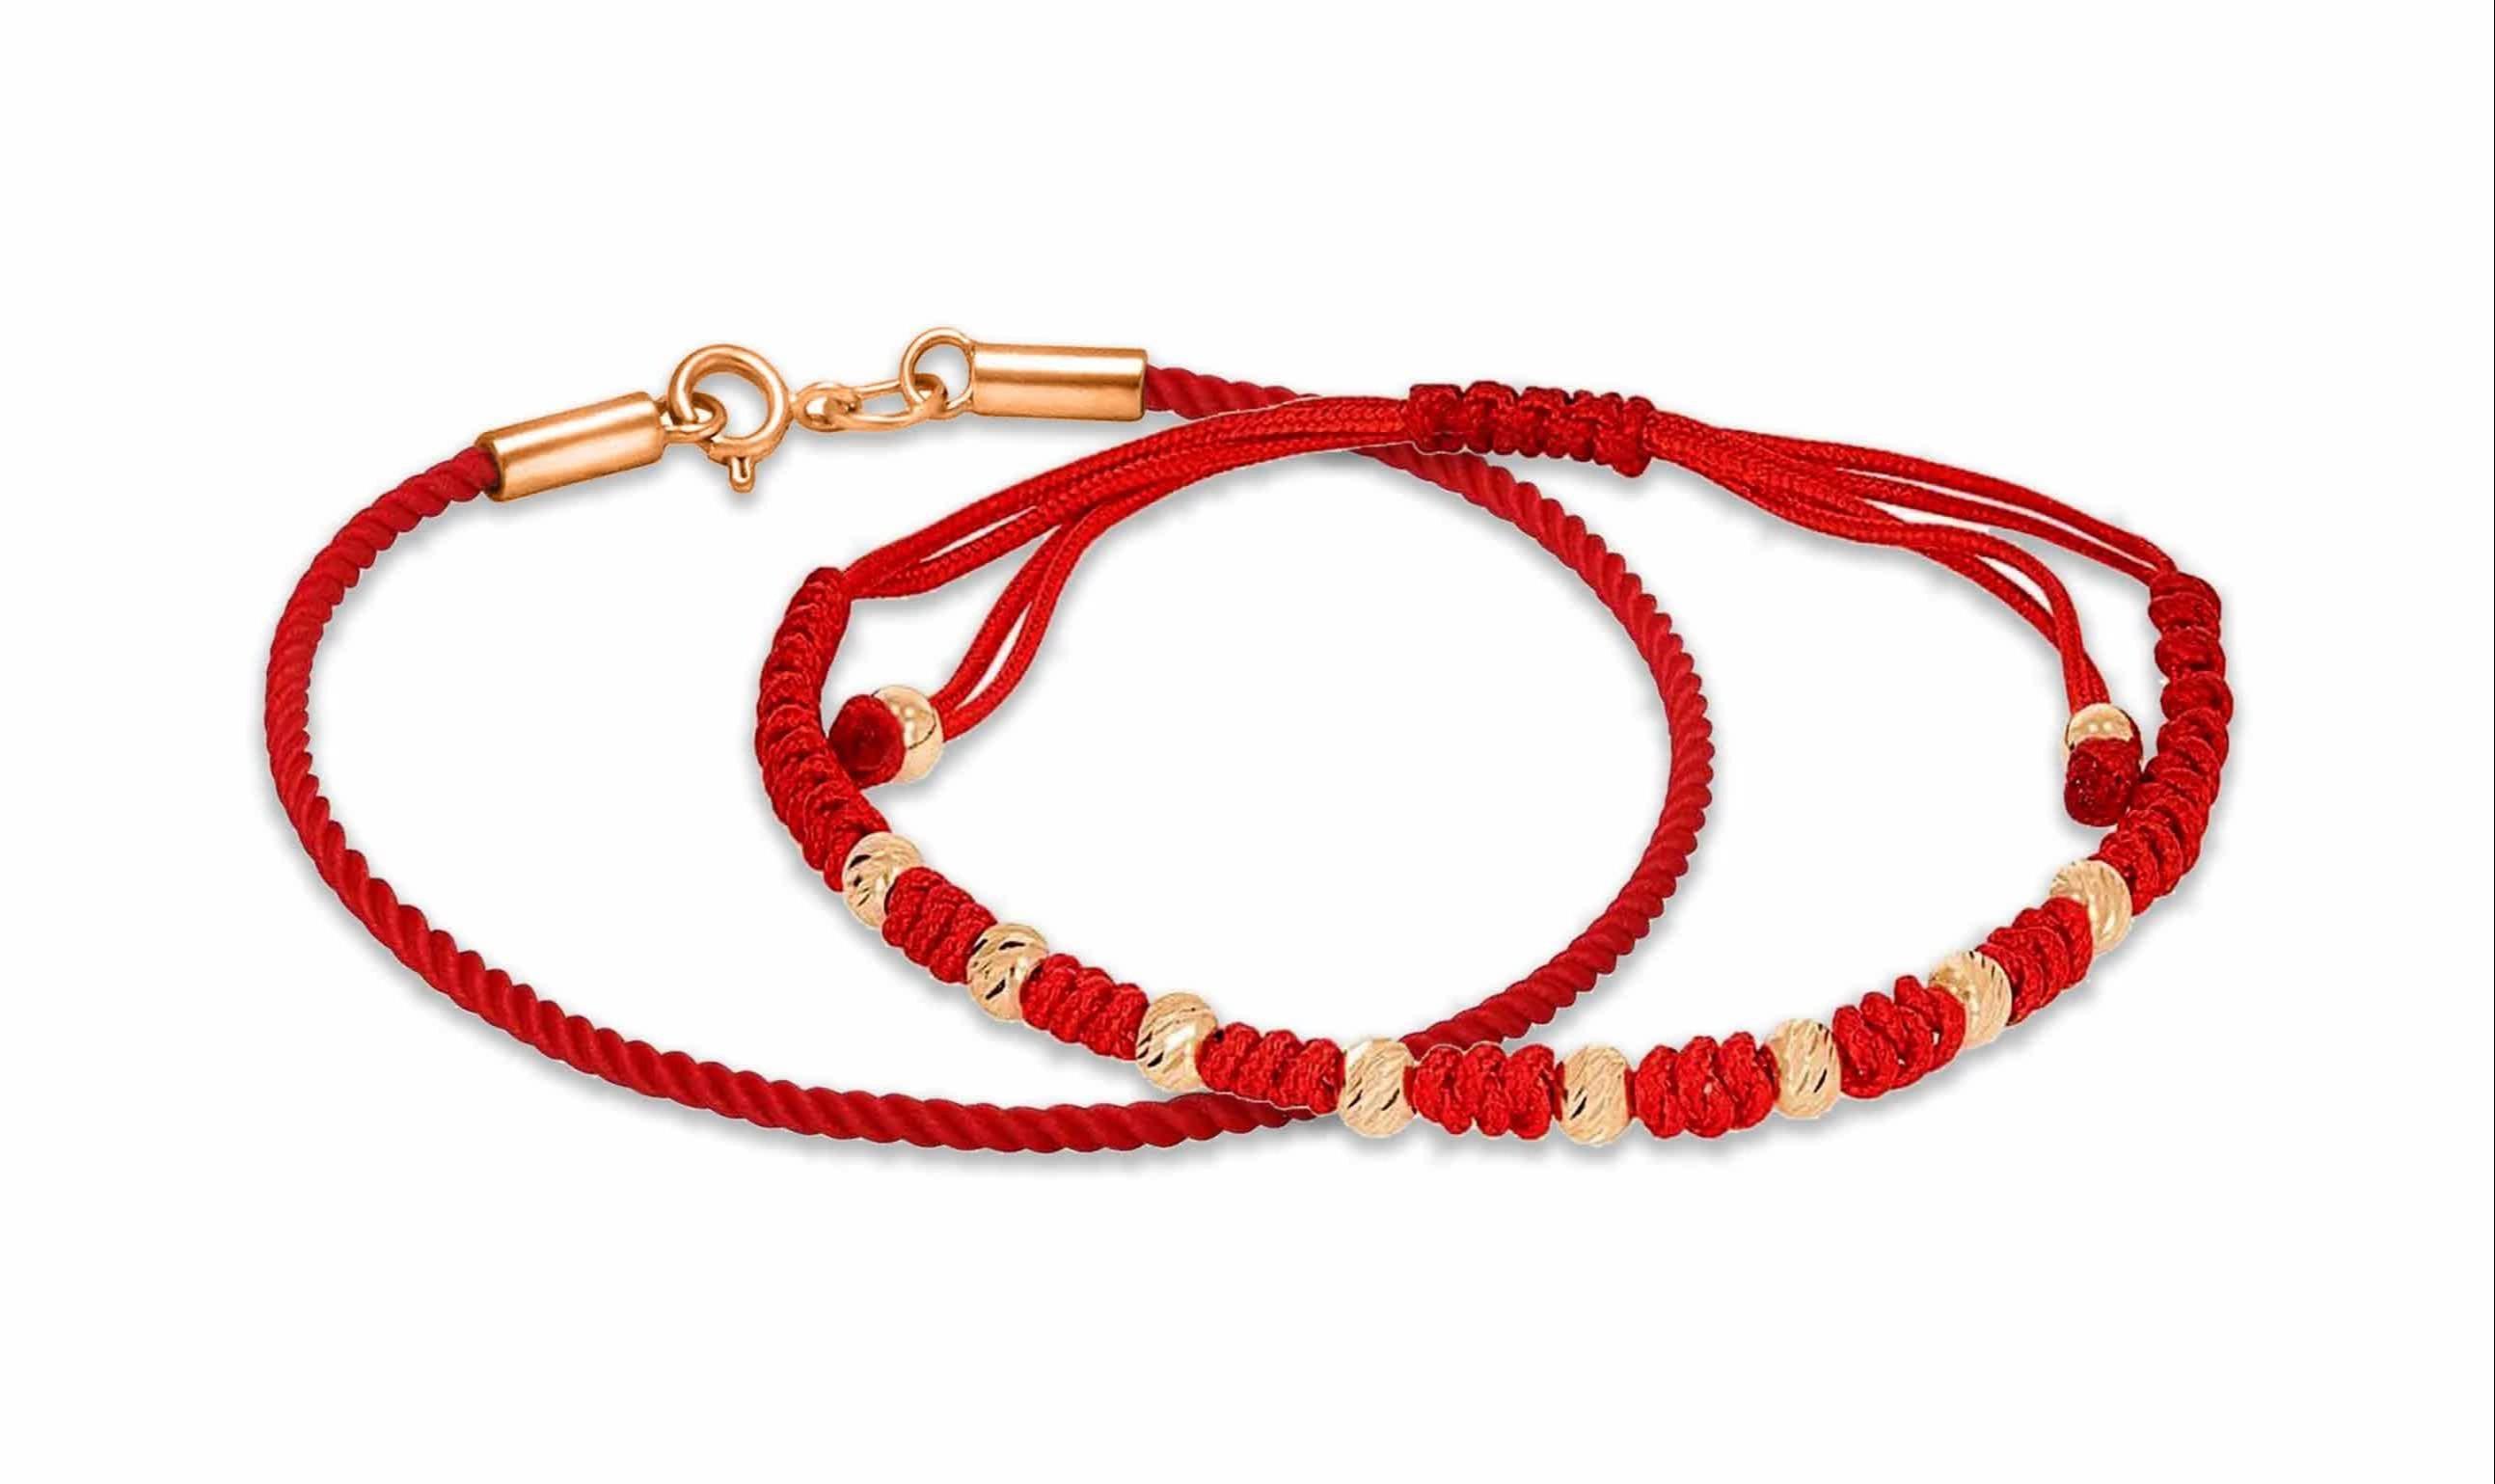 Красная нить с золотыми вставками и золотой застежкой, на руку.